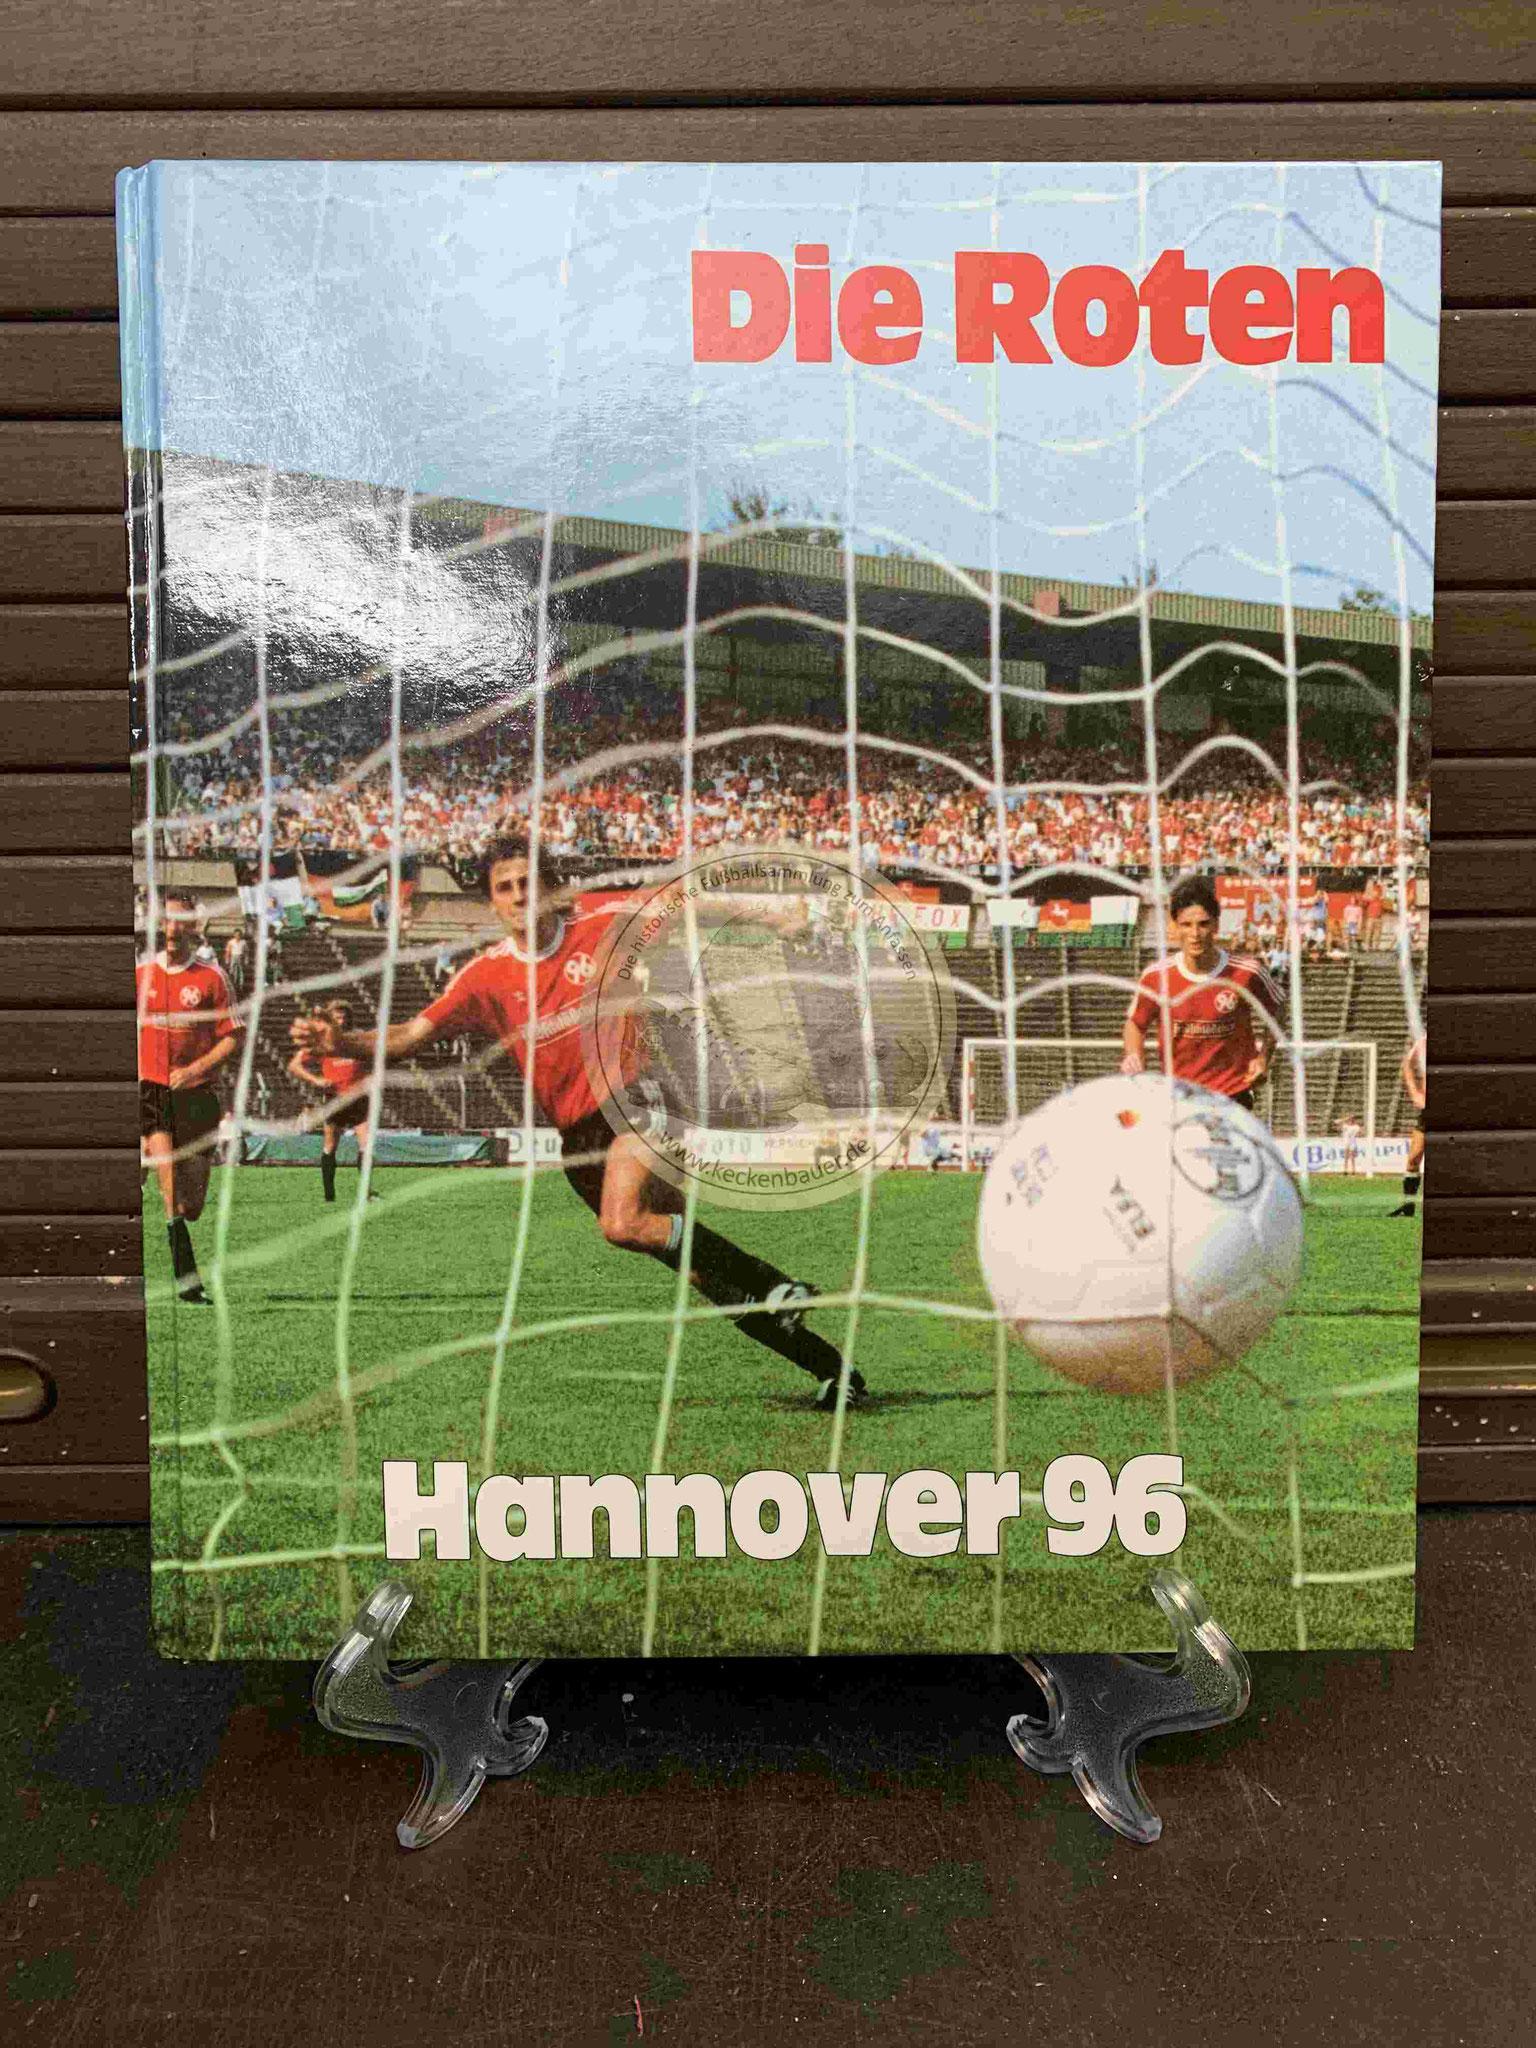 Hannover 96 Die Roten aus dem Jahr 1987